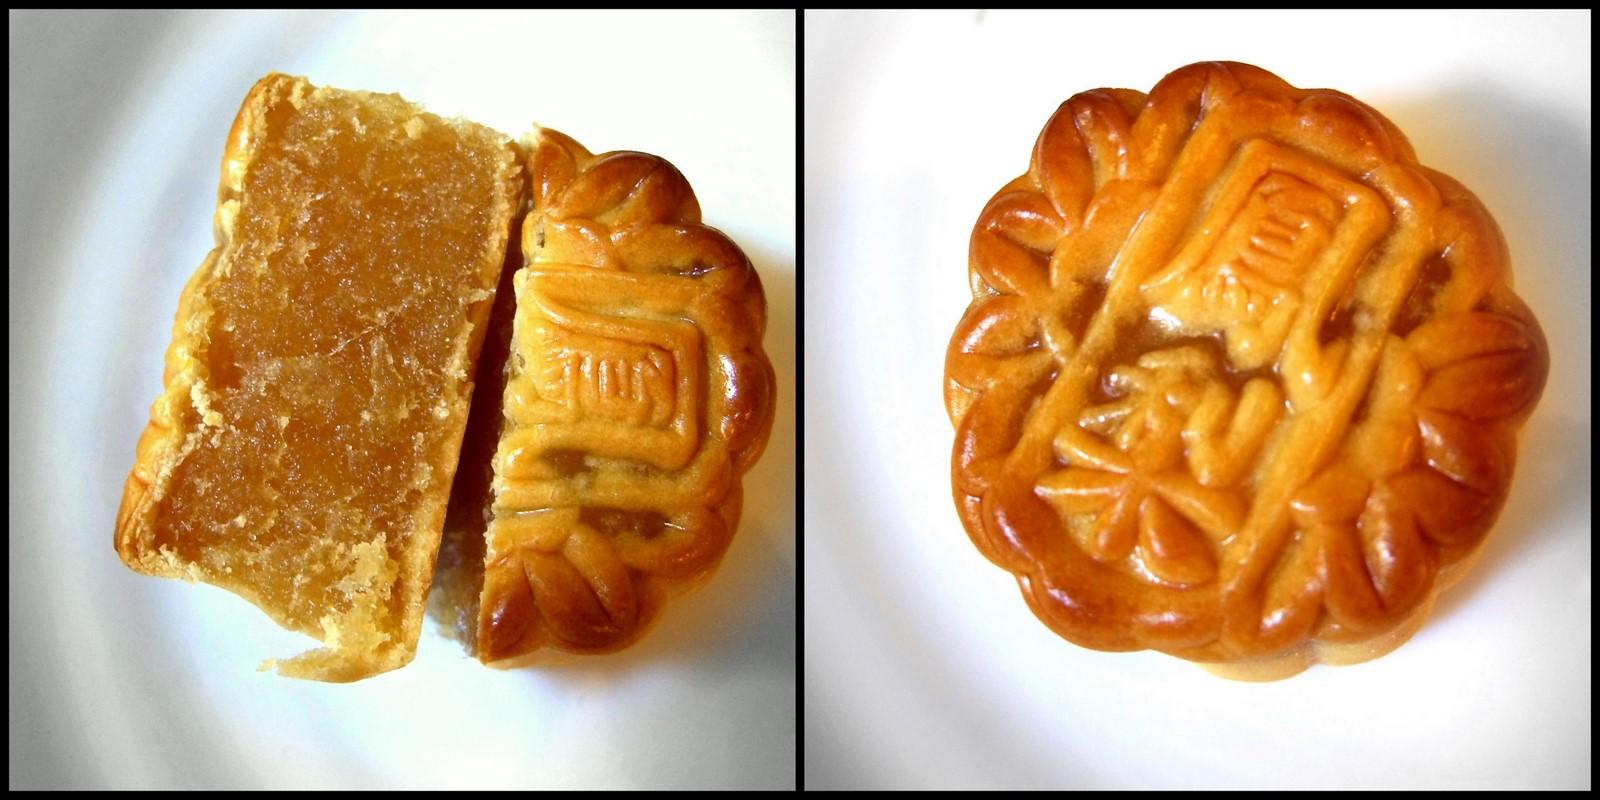 Bakery Pineapple Cake